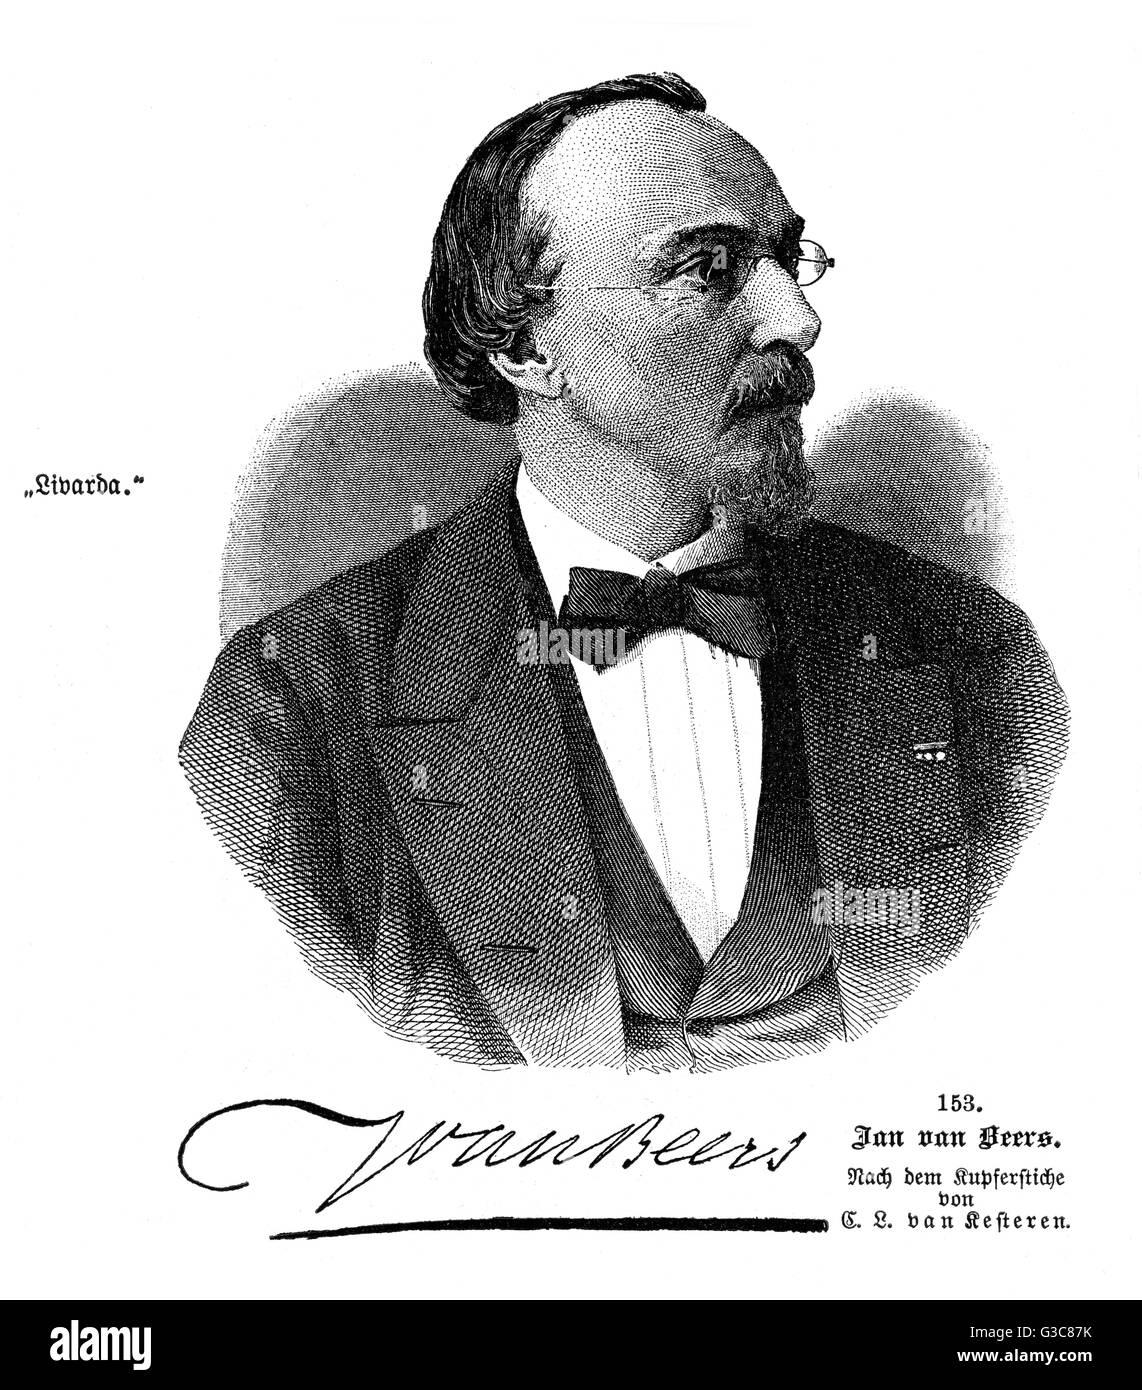 JAN VAN BEERS Belgian writer  with his autograph       Date: 1821 - 1888 - Stock Image